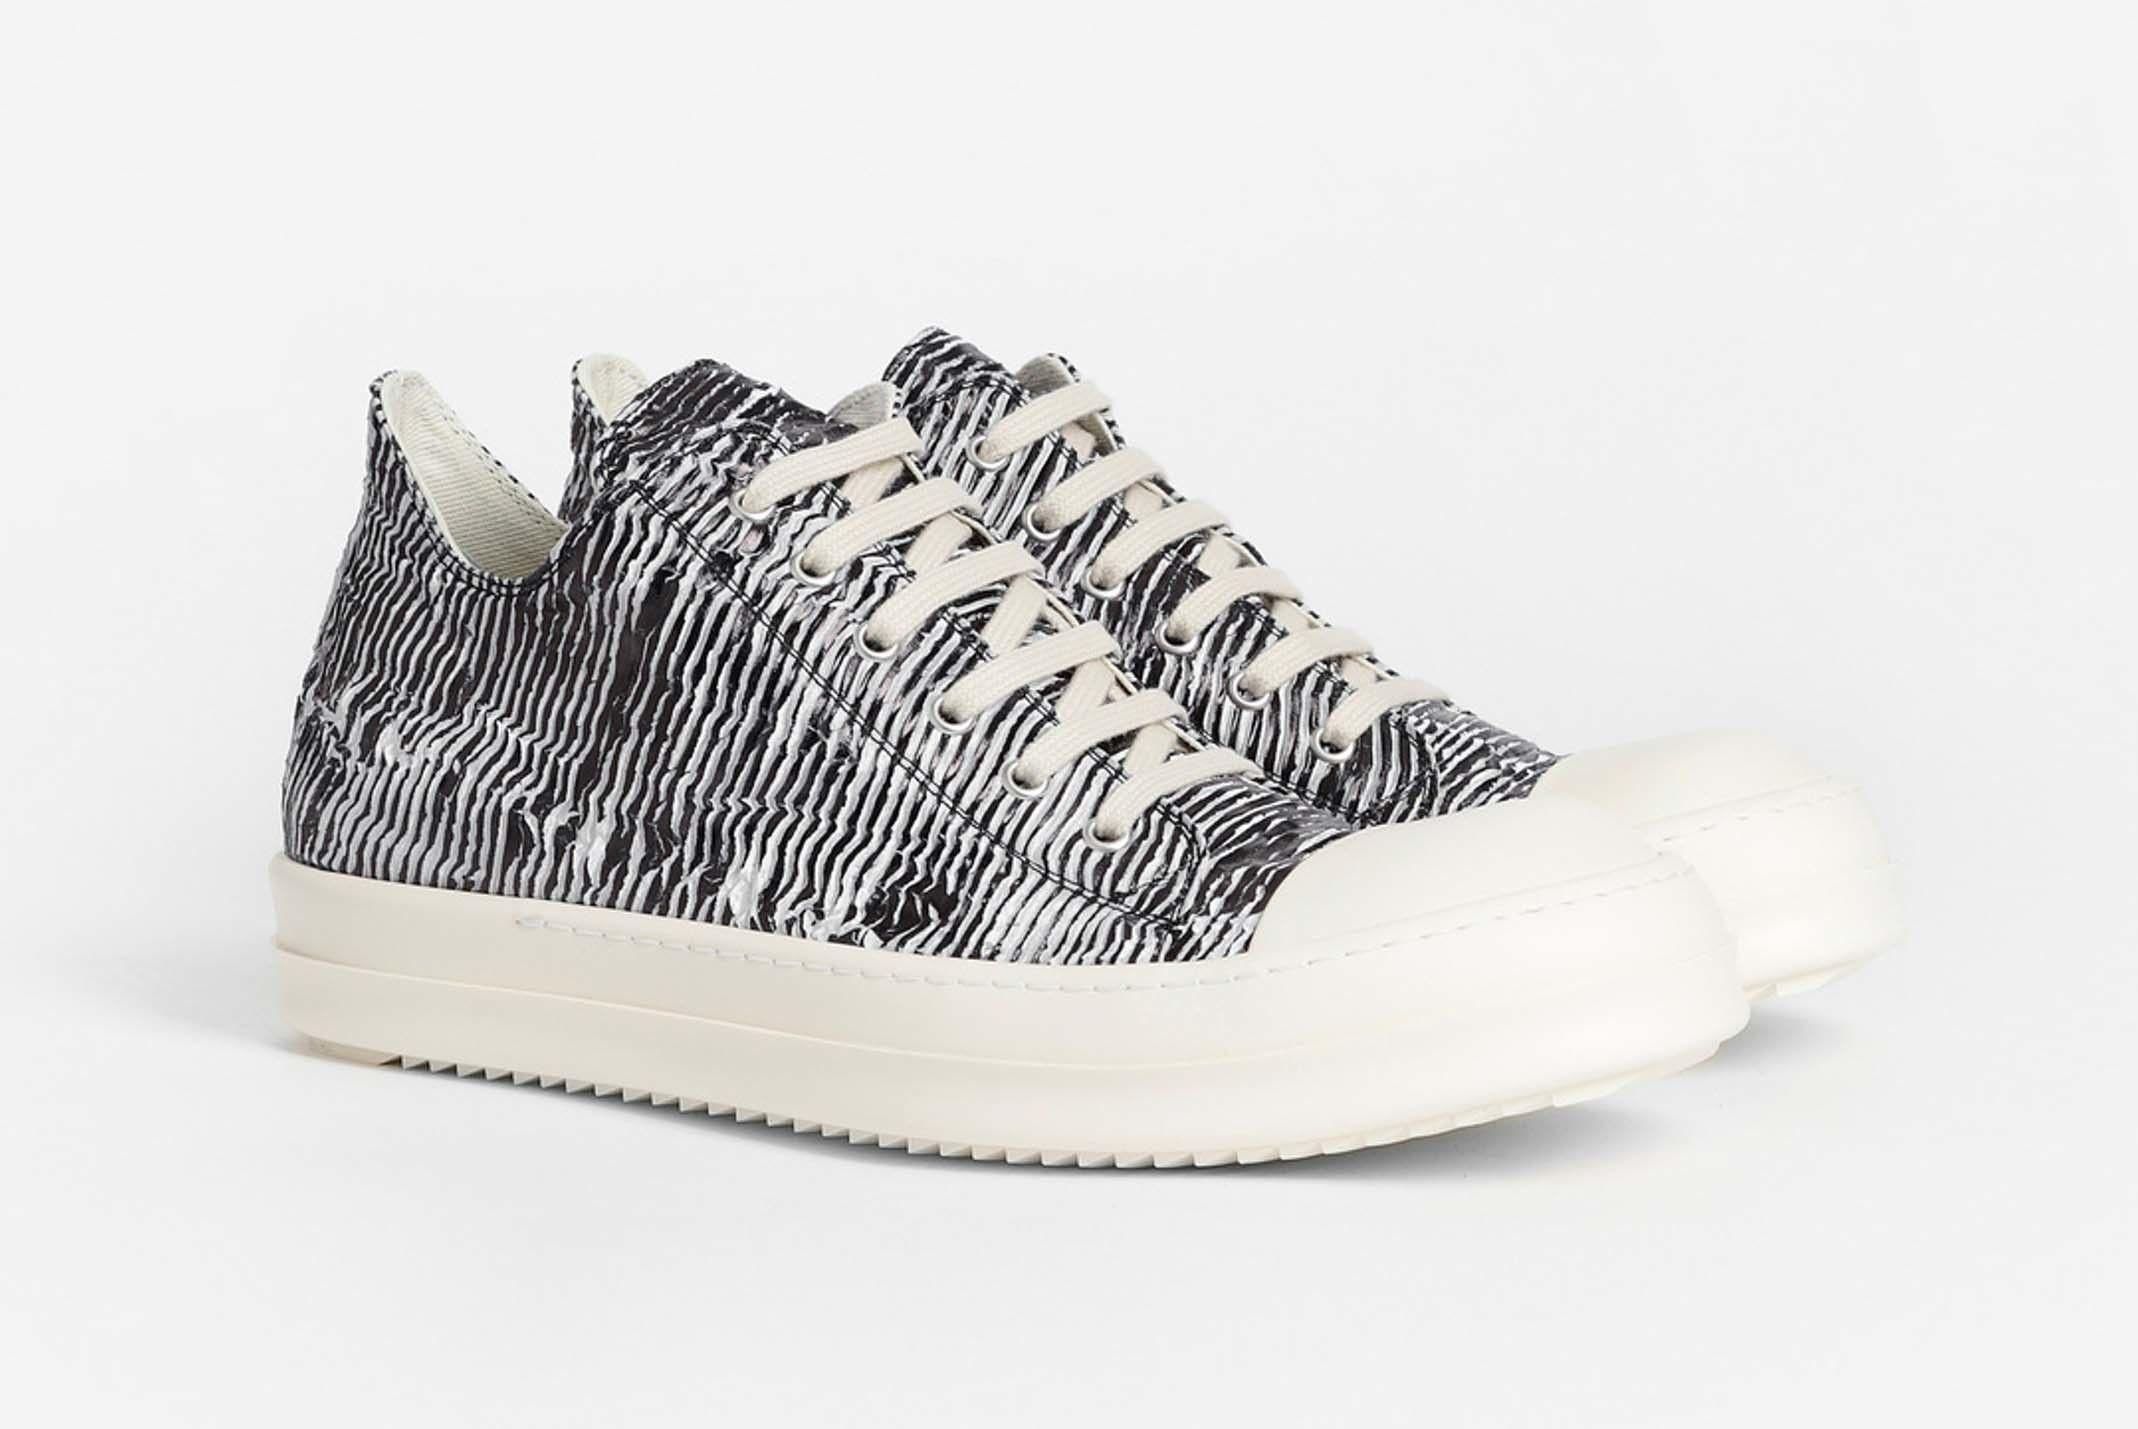 Rick Owens Drkshdw Zebra Trainer Low Release 002 Sneaker Freaker